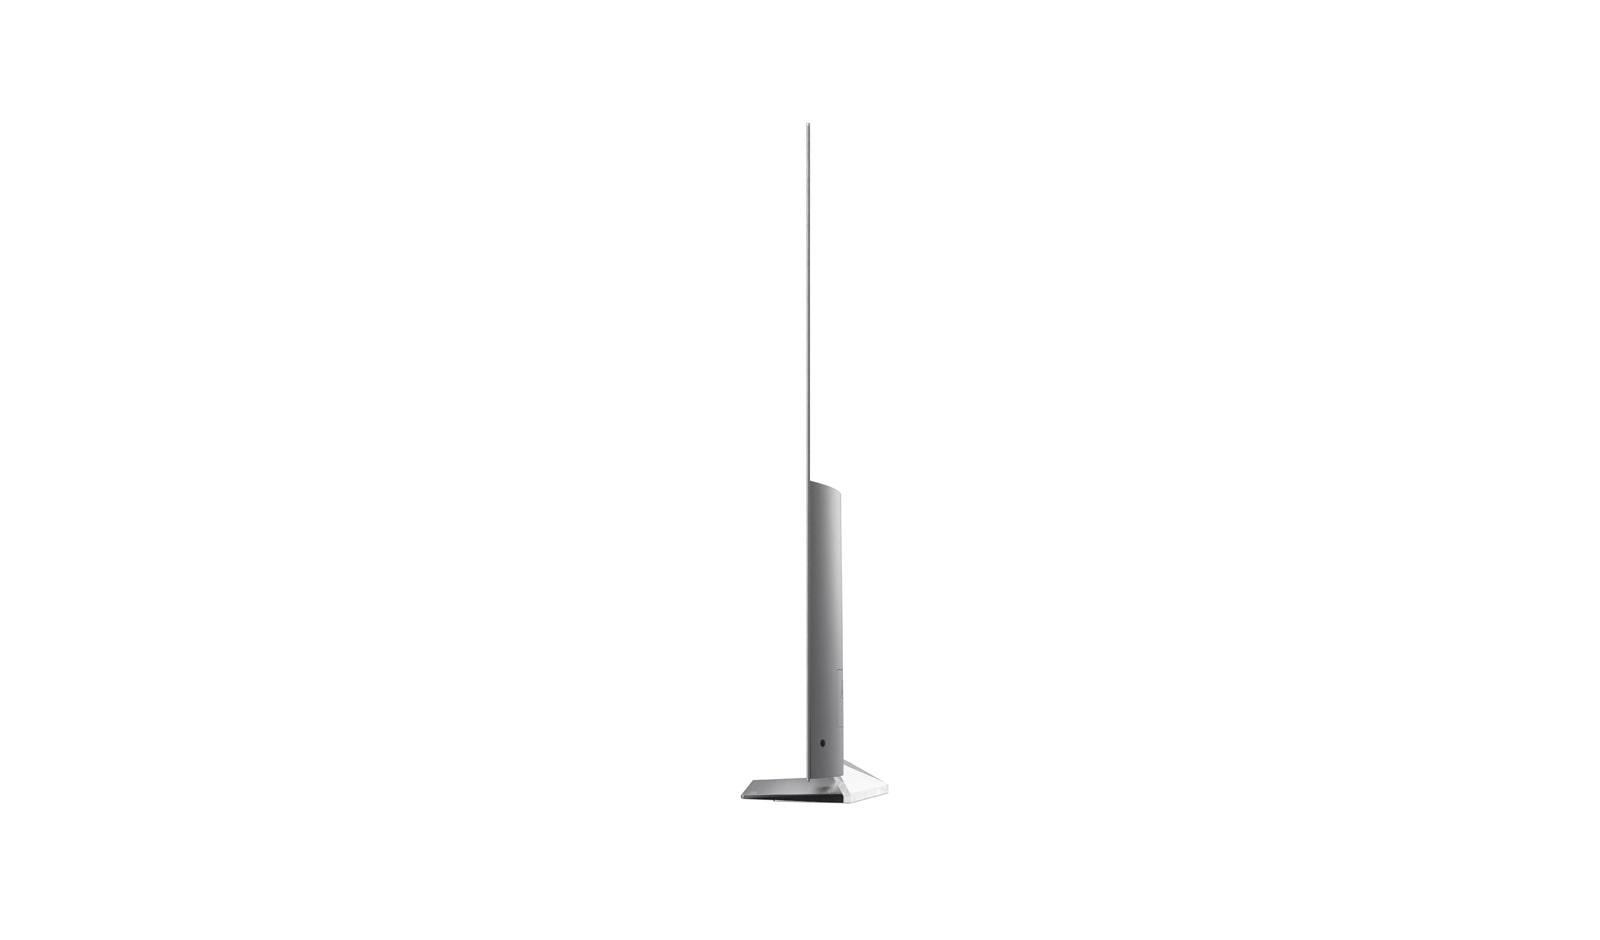 LG OLED Smart TV | 55 Inch Screen | 55EG9A7V | LG Levant